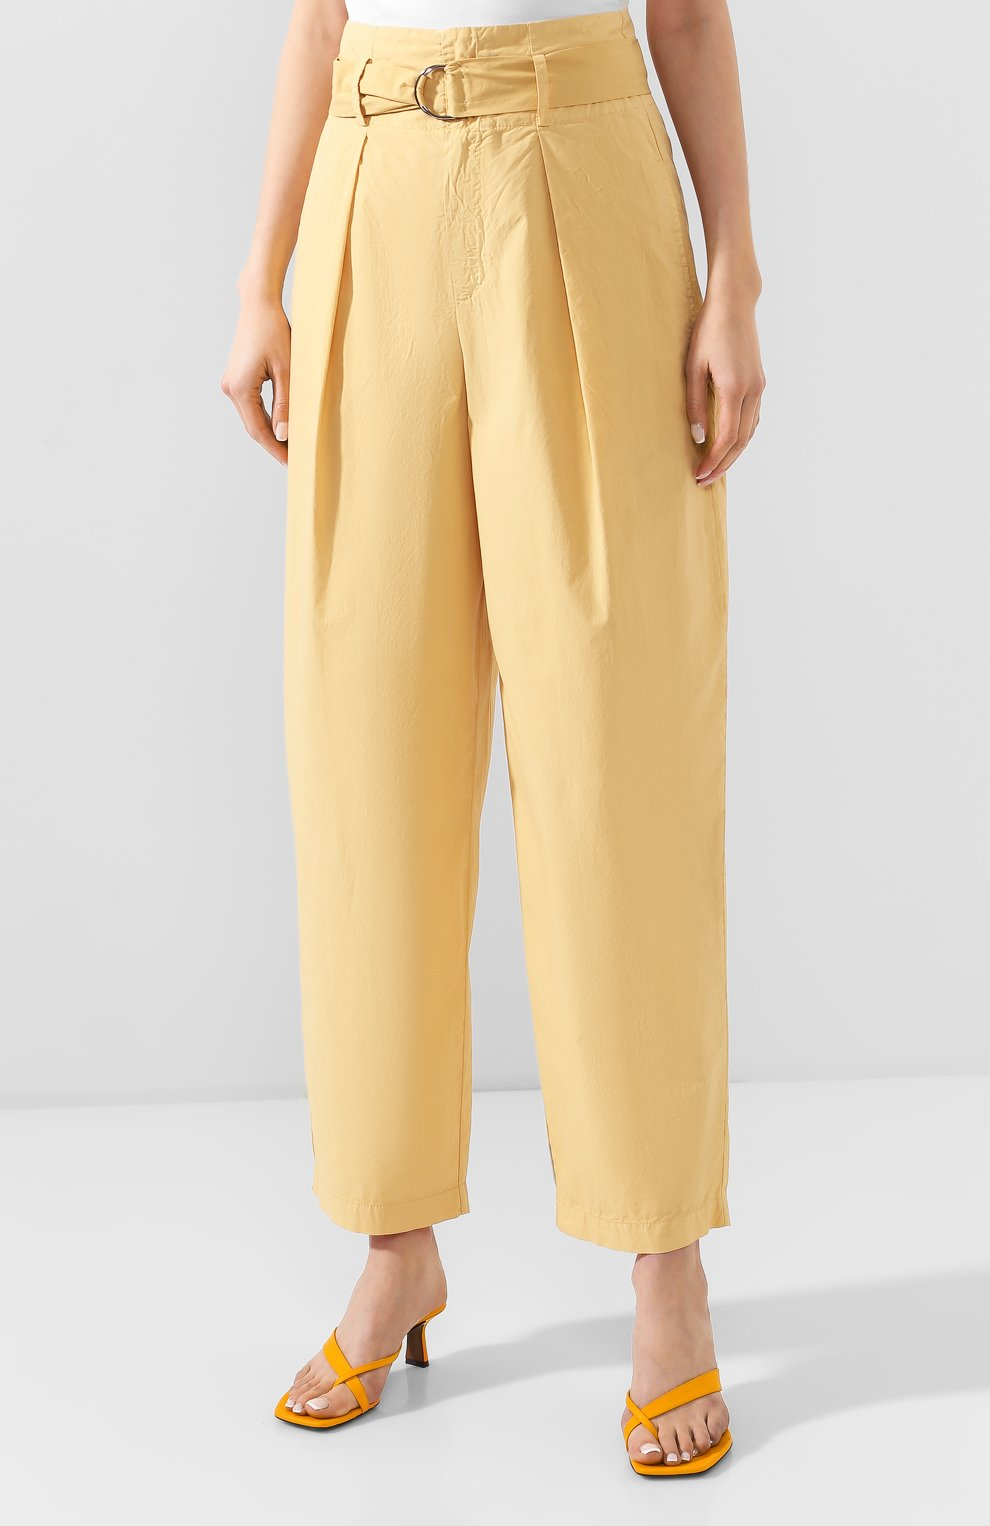 Женские хлопковые брюки NUDE желтого цвета, арт. 1103753/TR0USERS   Фото 4 (Длина (брюки, джинсы): Стандартные; Женское Кросс-КТ: Брюки-одежда; Материал внешний: Хлопок)